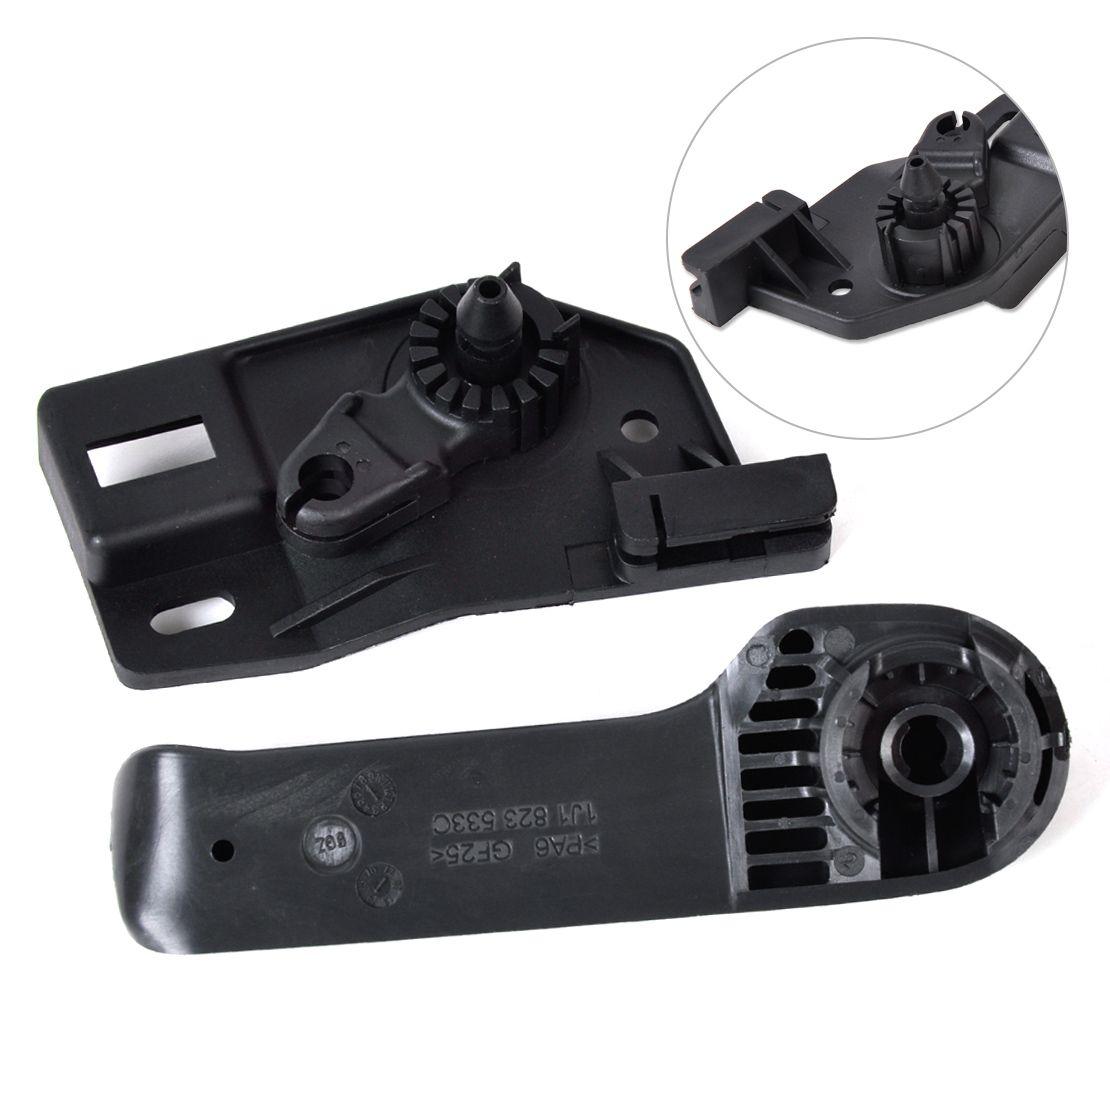 beler Hood Latch Release Grip Handle + Bracket for VW Golf MK4 Beetle Polo Skoda Fabia Octavia Seat Altea 1J1823633A 1J1823533C